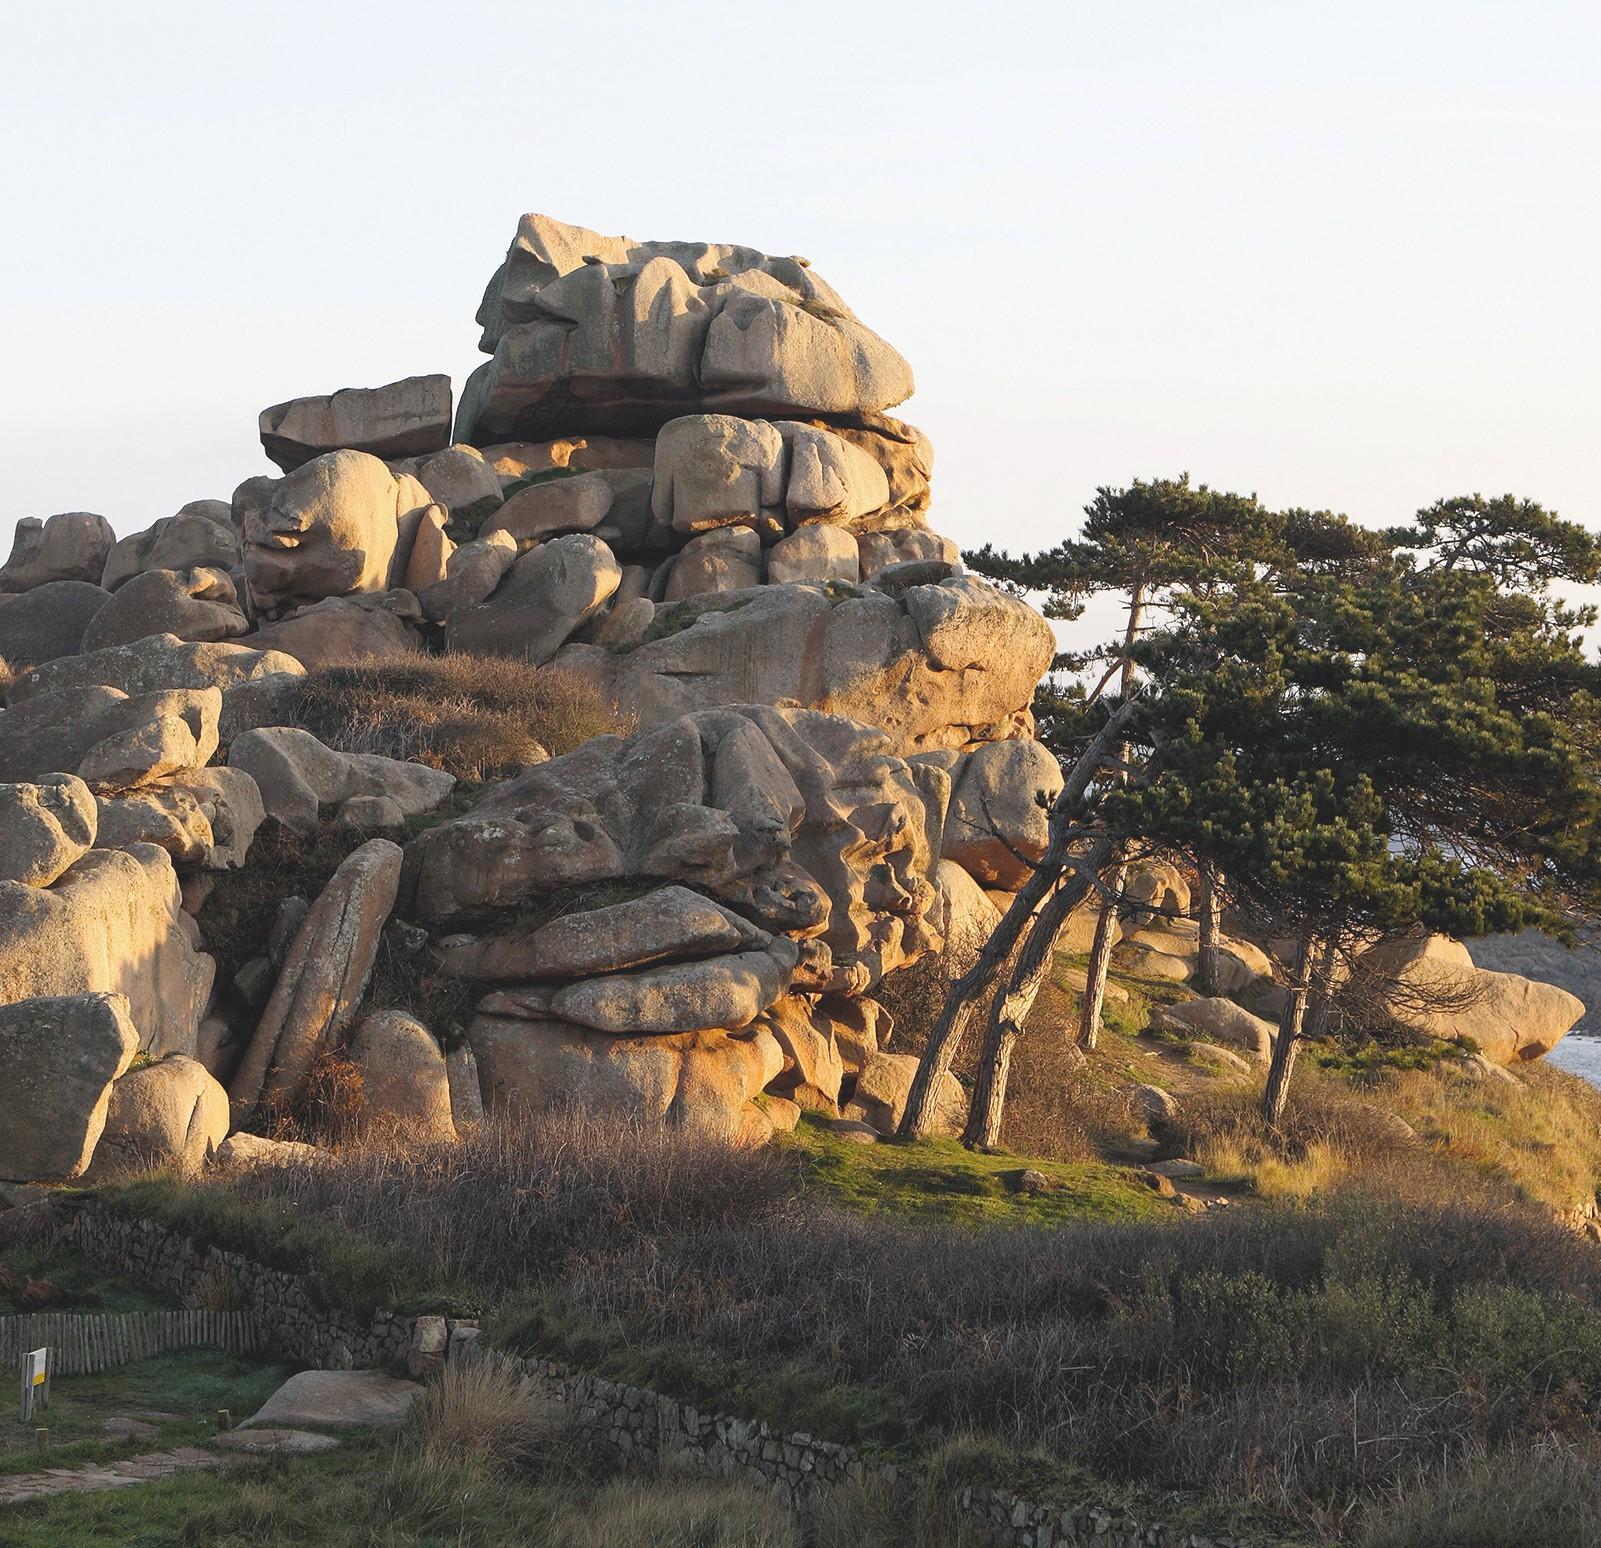 Un chaos granitique formé de boules de granite